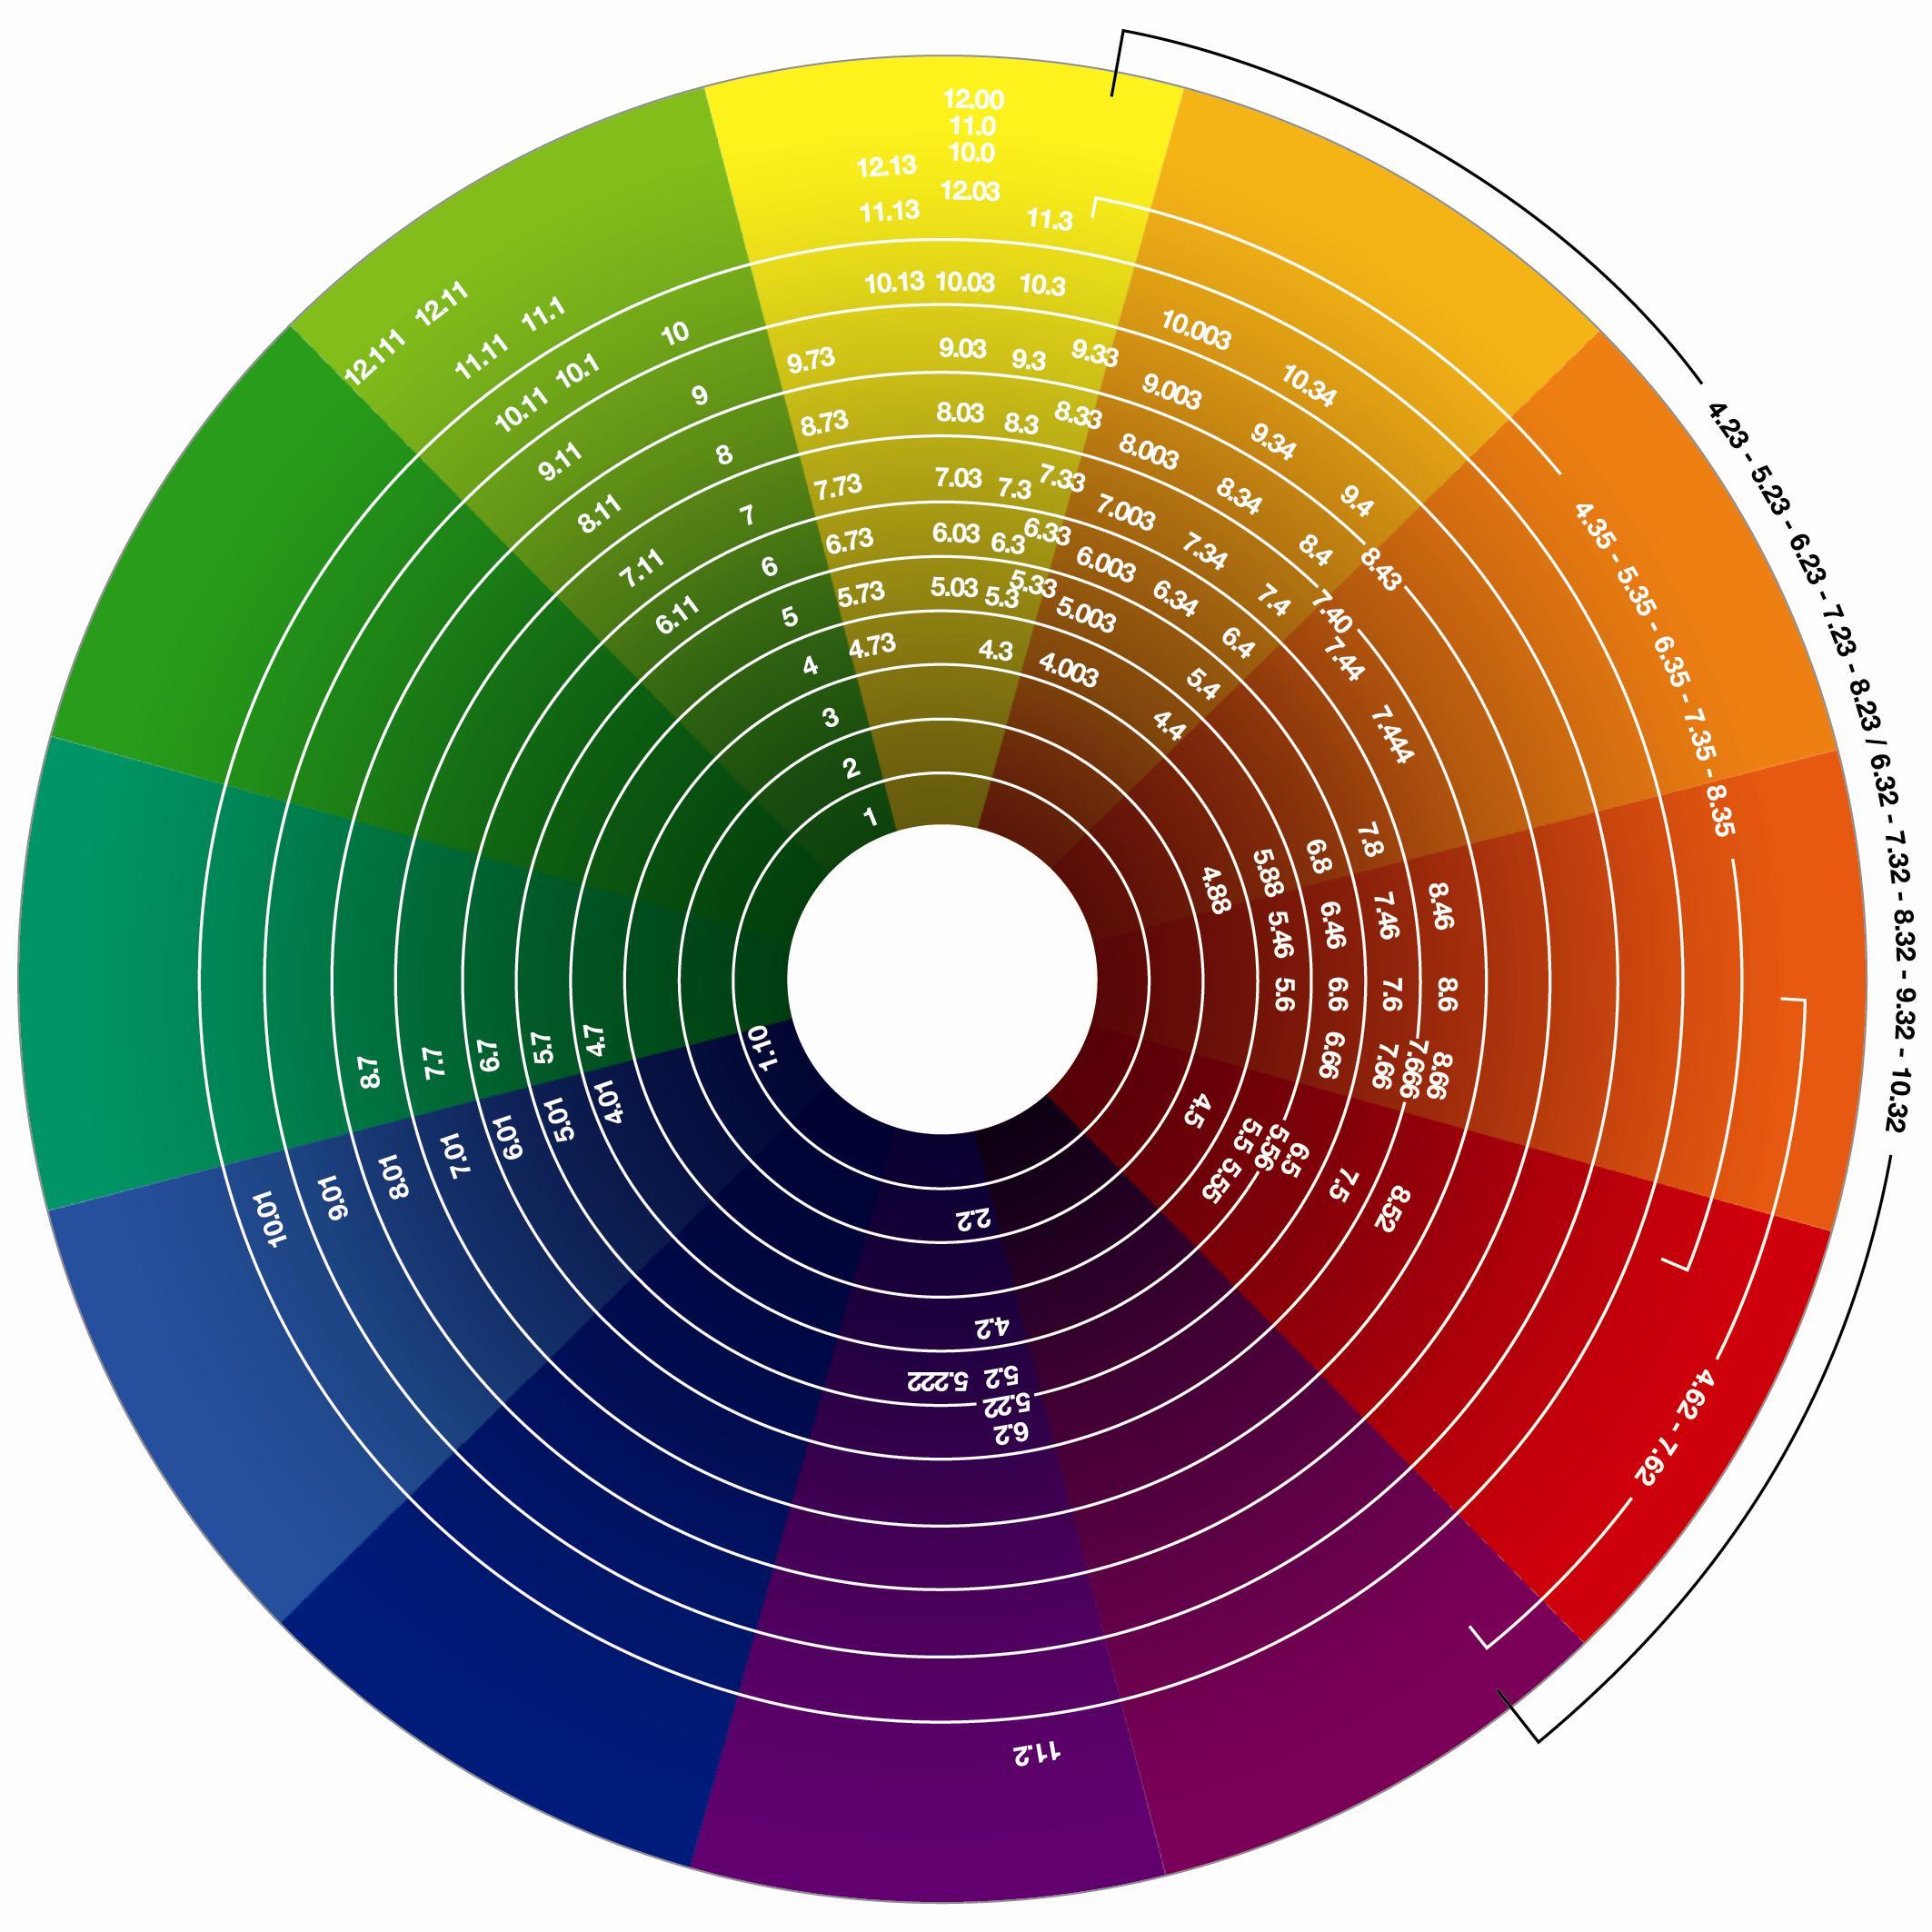 Color_Wheel_hi_res.21153756.png (2126×2126) | Art inspiration ...